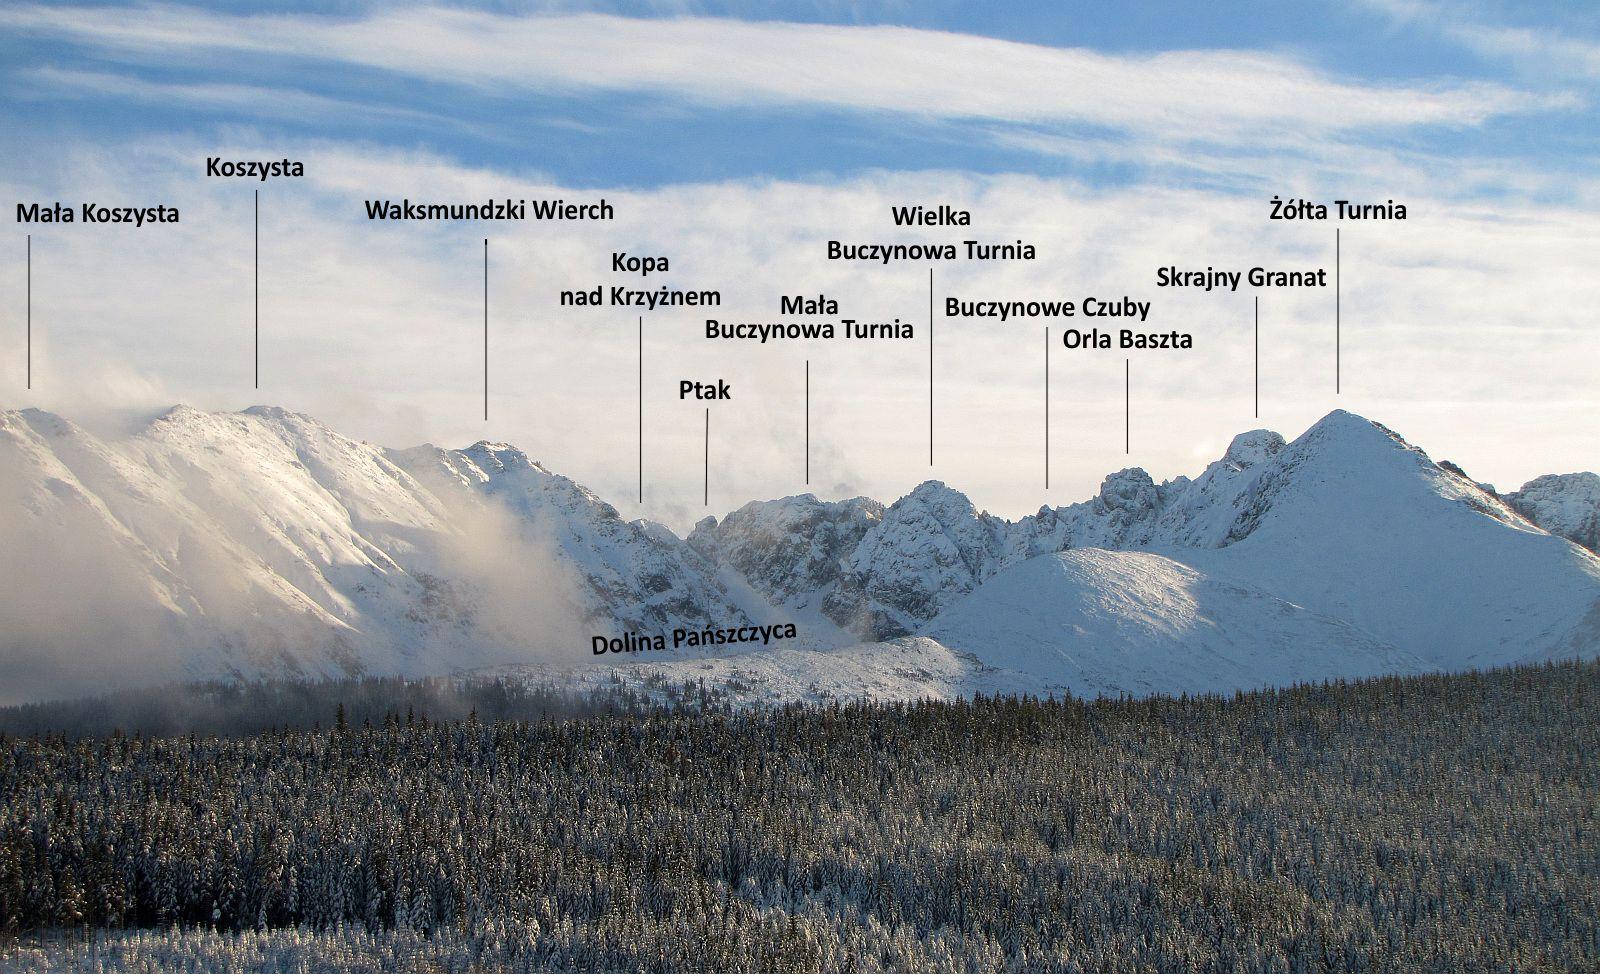 Szczyty otaczające Dolinę Pańszczyca.